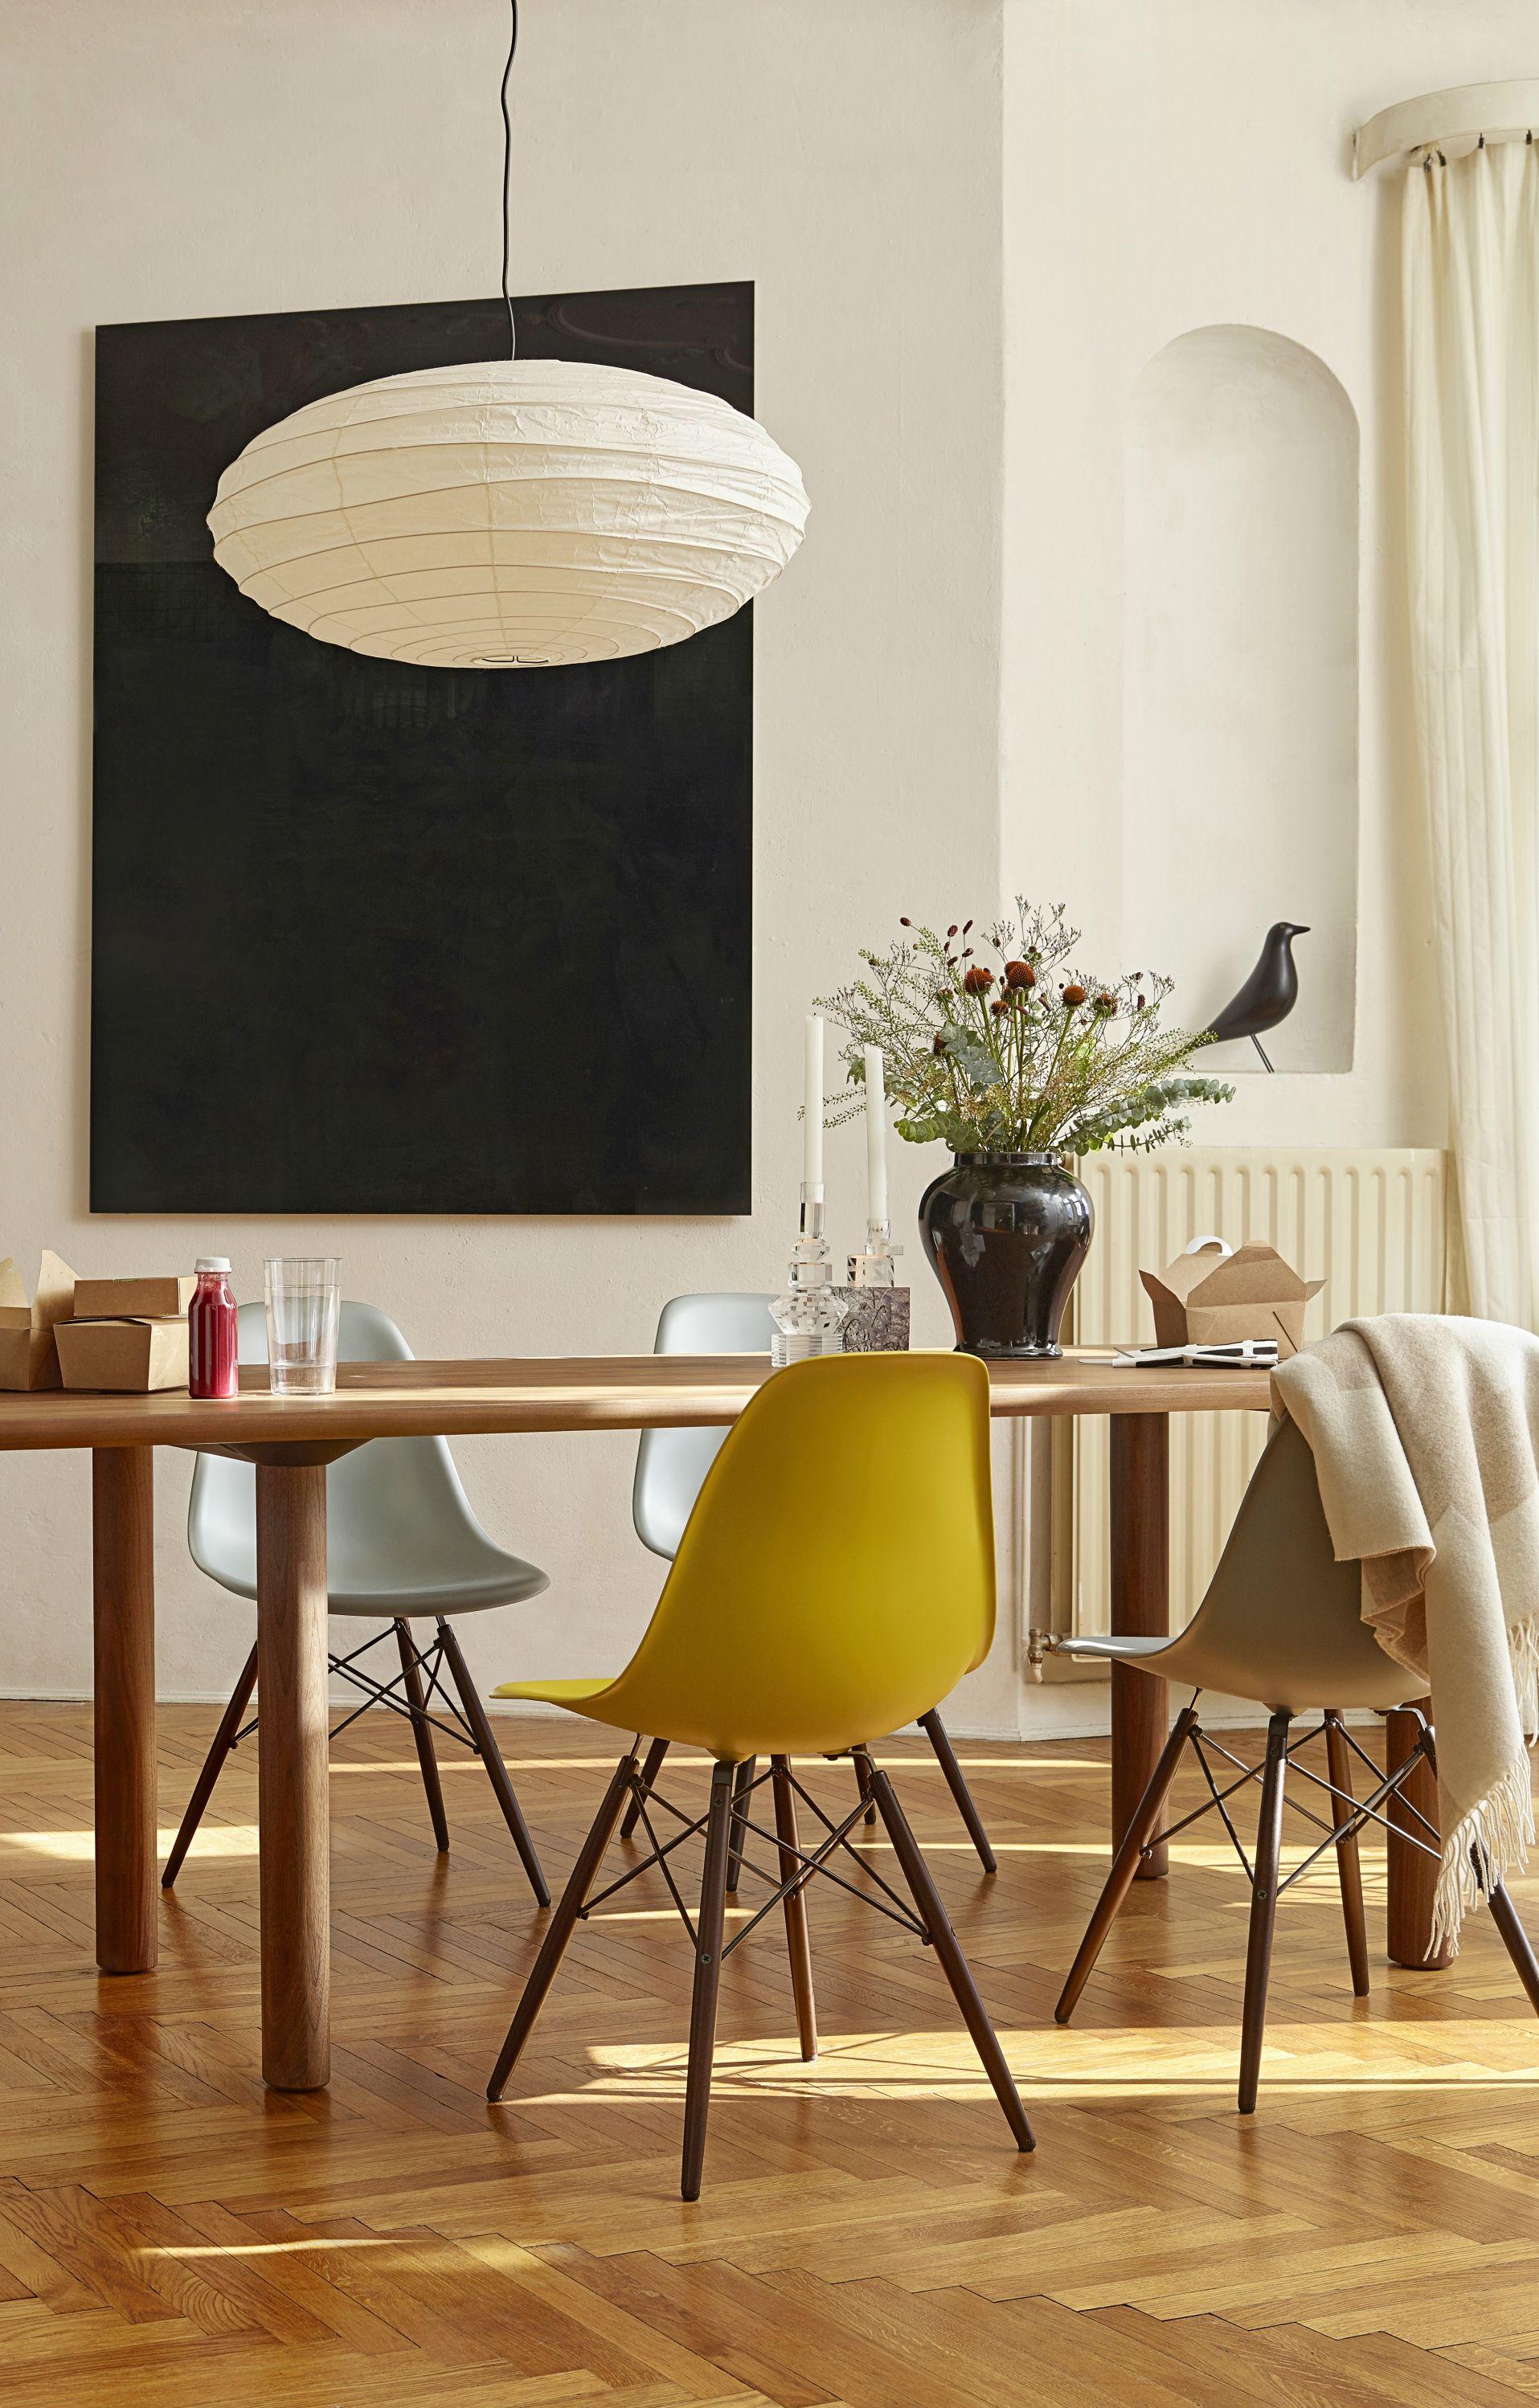 Vitra Stuhl Im Esszimmer Entdecke Die Ganze Vielfalt An Eames Stuhlen Und Finde Deinen Favoriten Vom Klassischen Einrichten Und Wohnen Wohnen Esszimmerstuhle